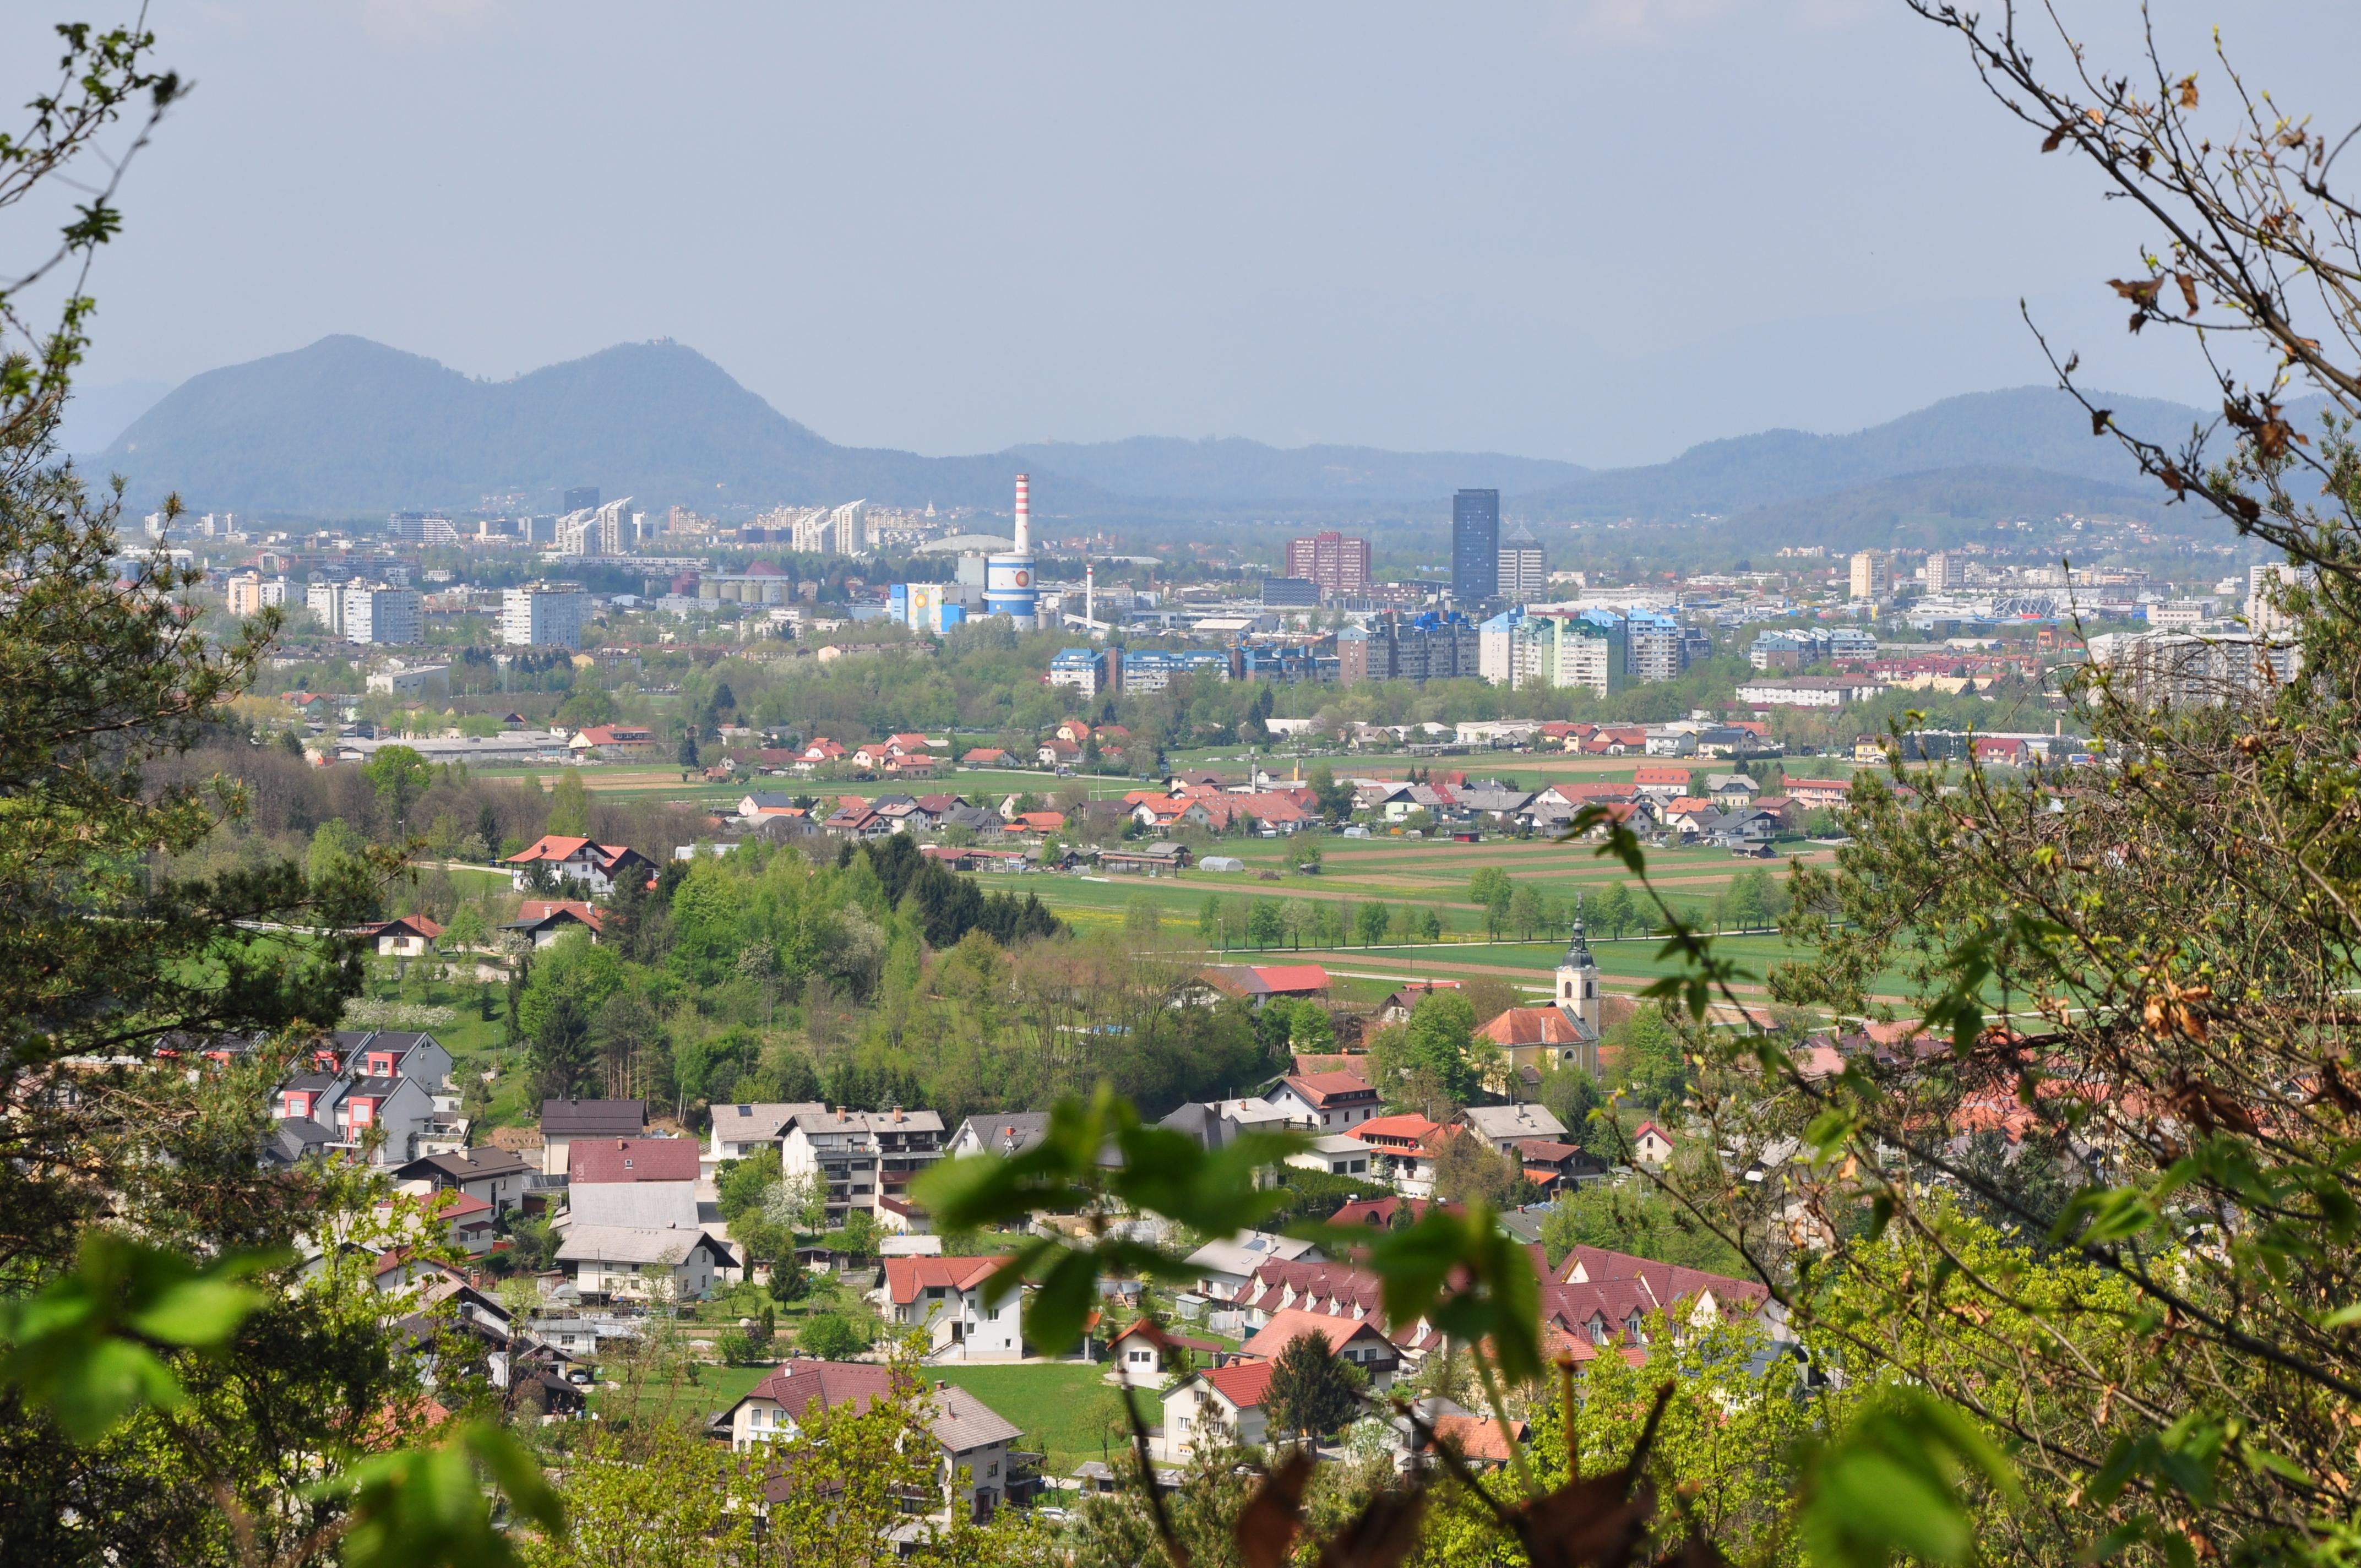 DSC_0379 Pogled na LJ s Šmarno goro v ozadju